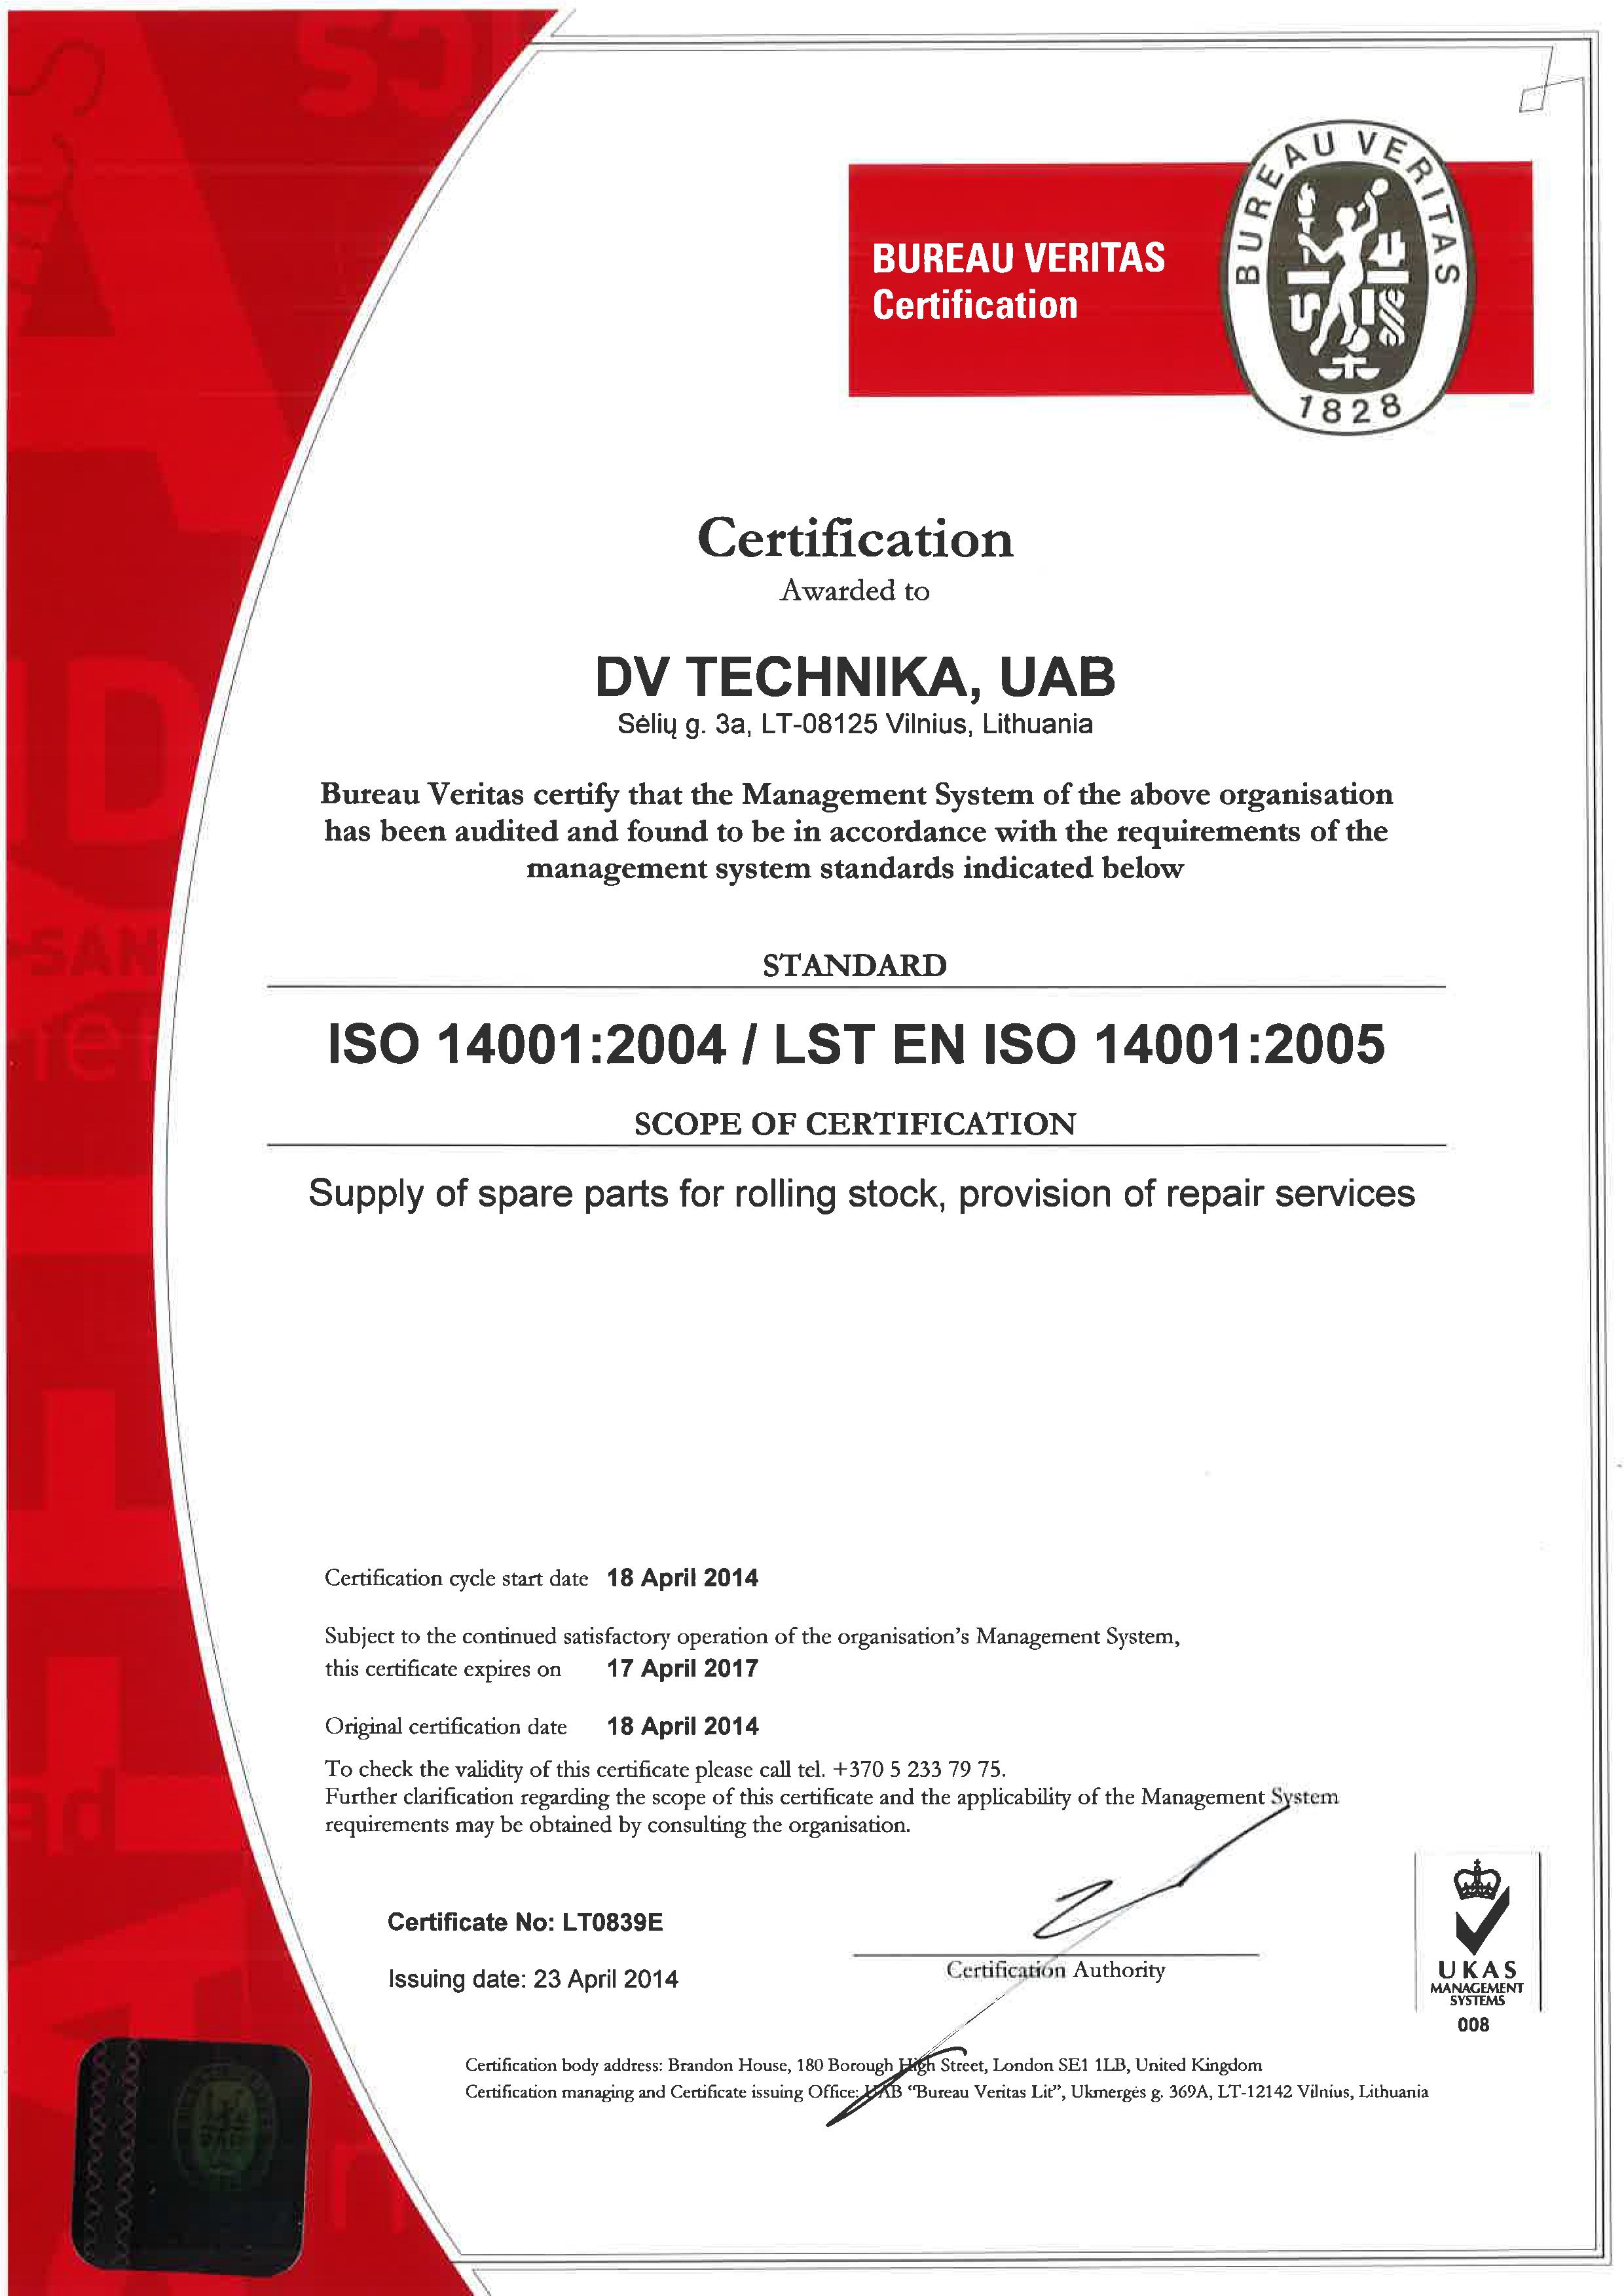 ISO 14001 2004 LST EN ISO 14001 2005 sertification